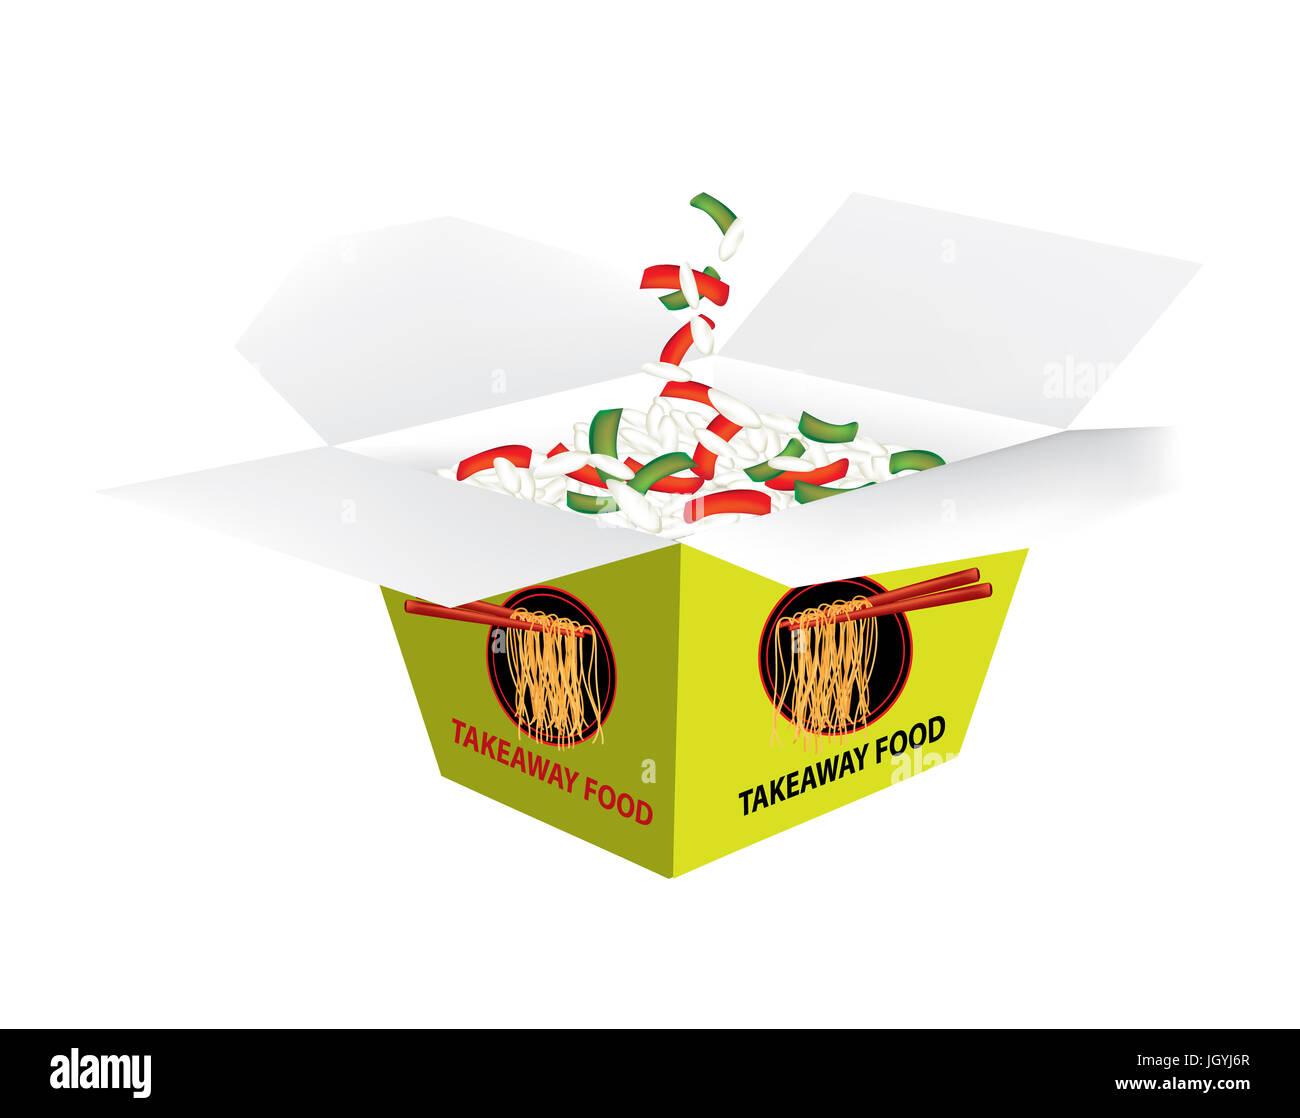 Takeaway box - Stock Image